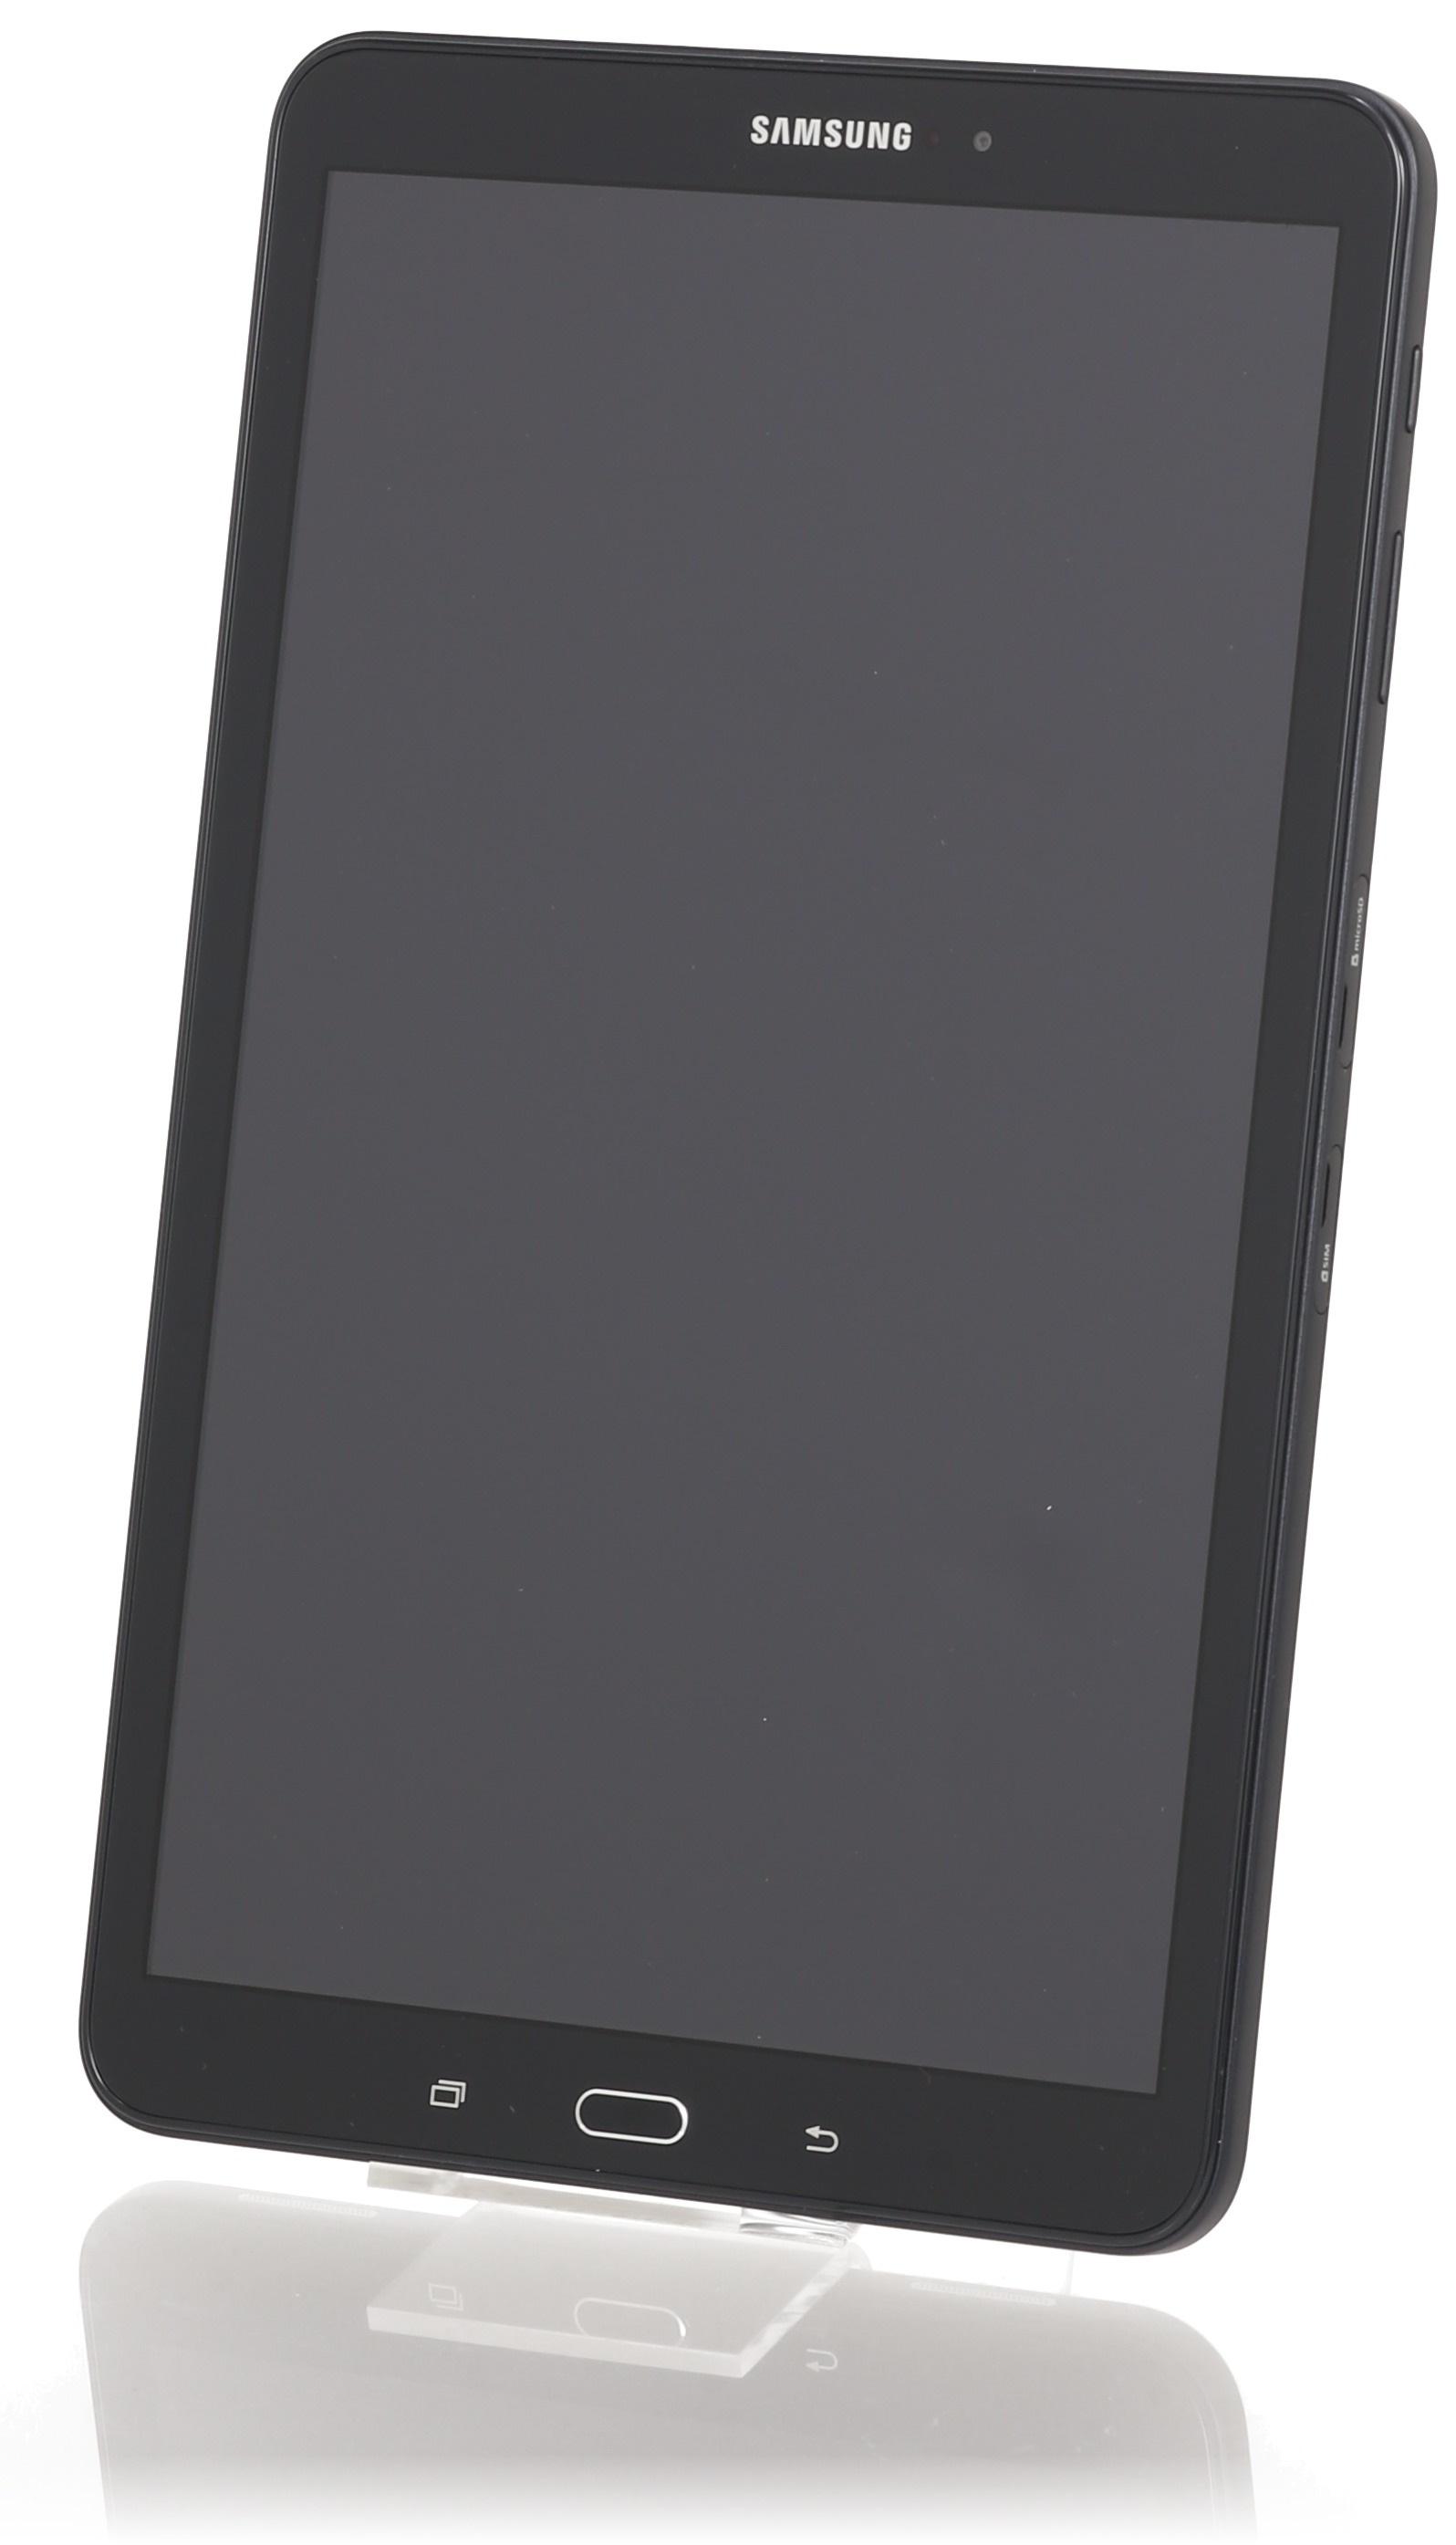 Samsung Galaxy Tab A 10.1 10,1 32GB [Wi-Fi + 4G] schwarz